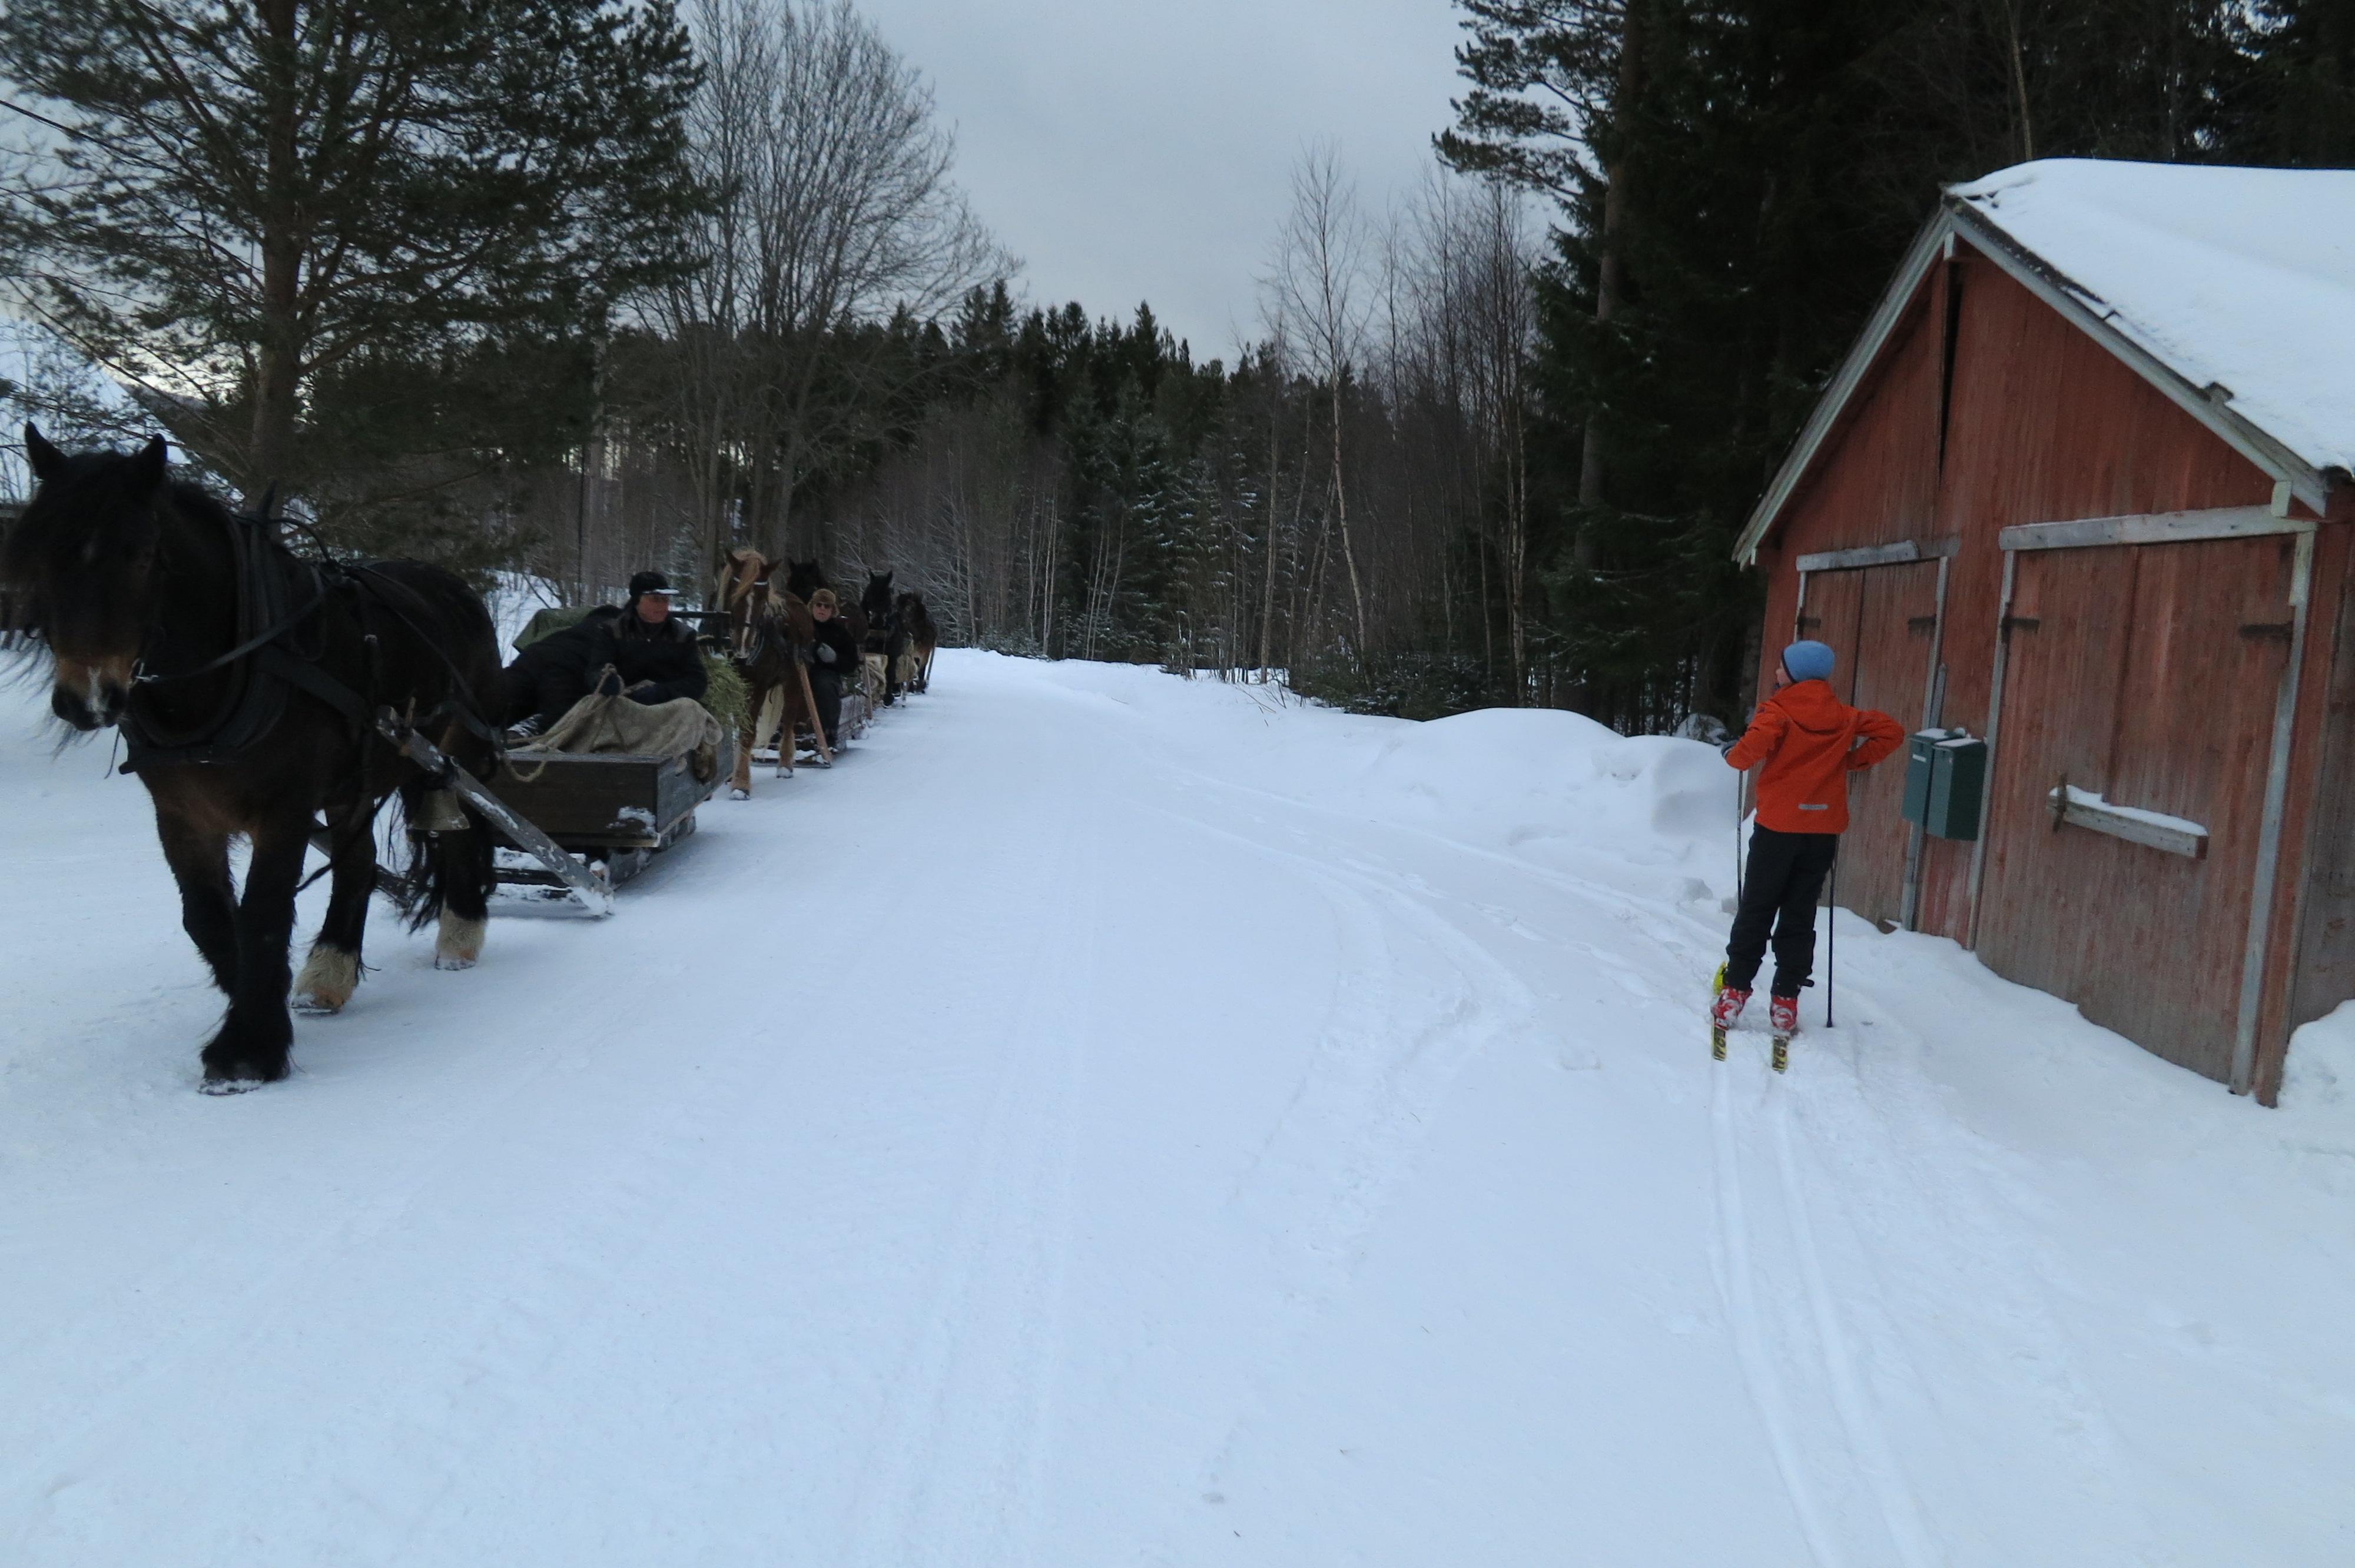 Noen bruker ski, andre bruker slede. Foto: Karine Bogsti